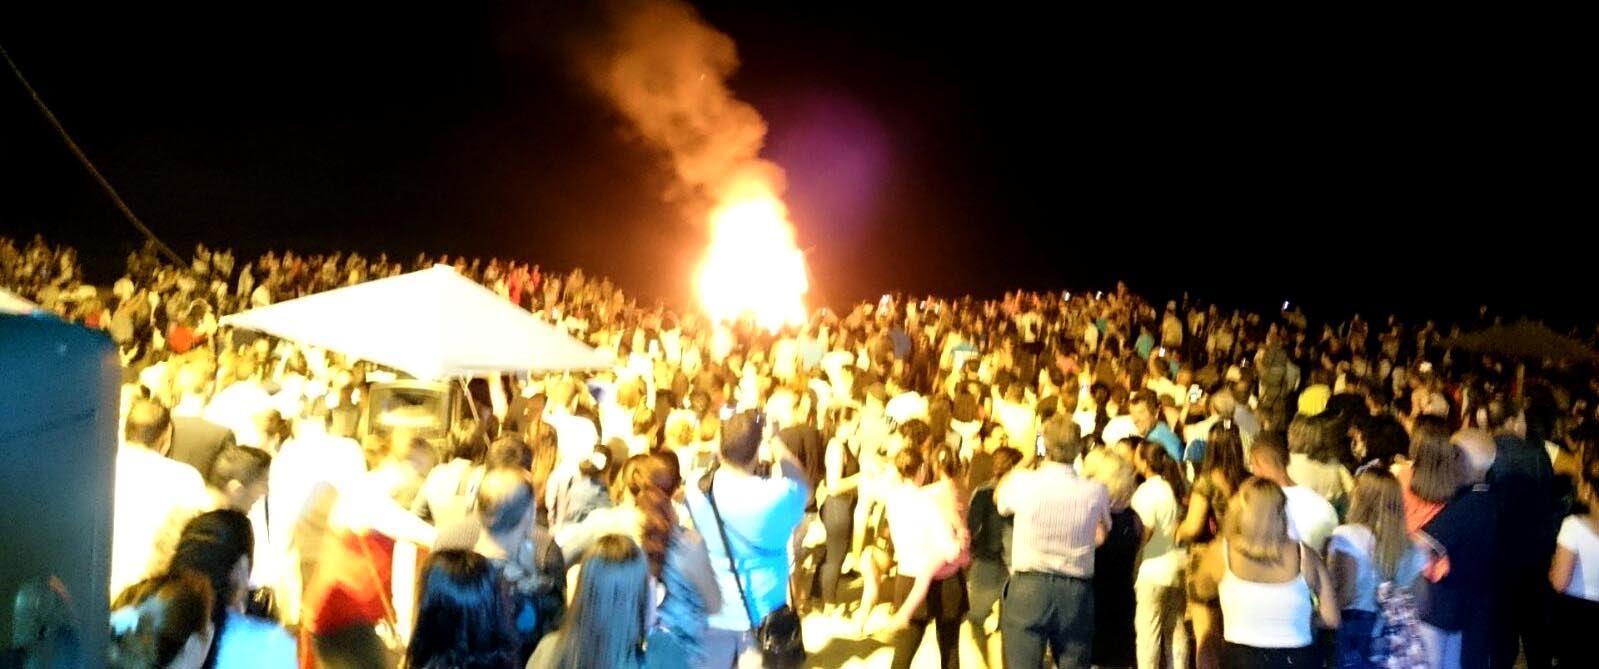 Isla Cristina celebra la Noche de San Juan